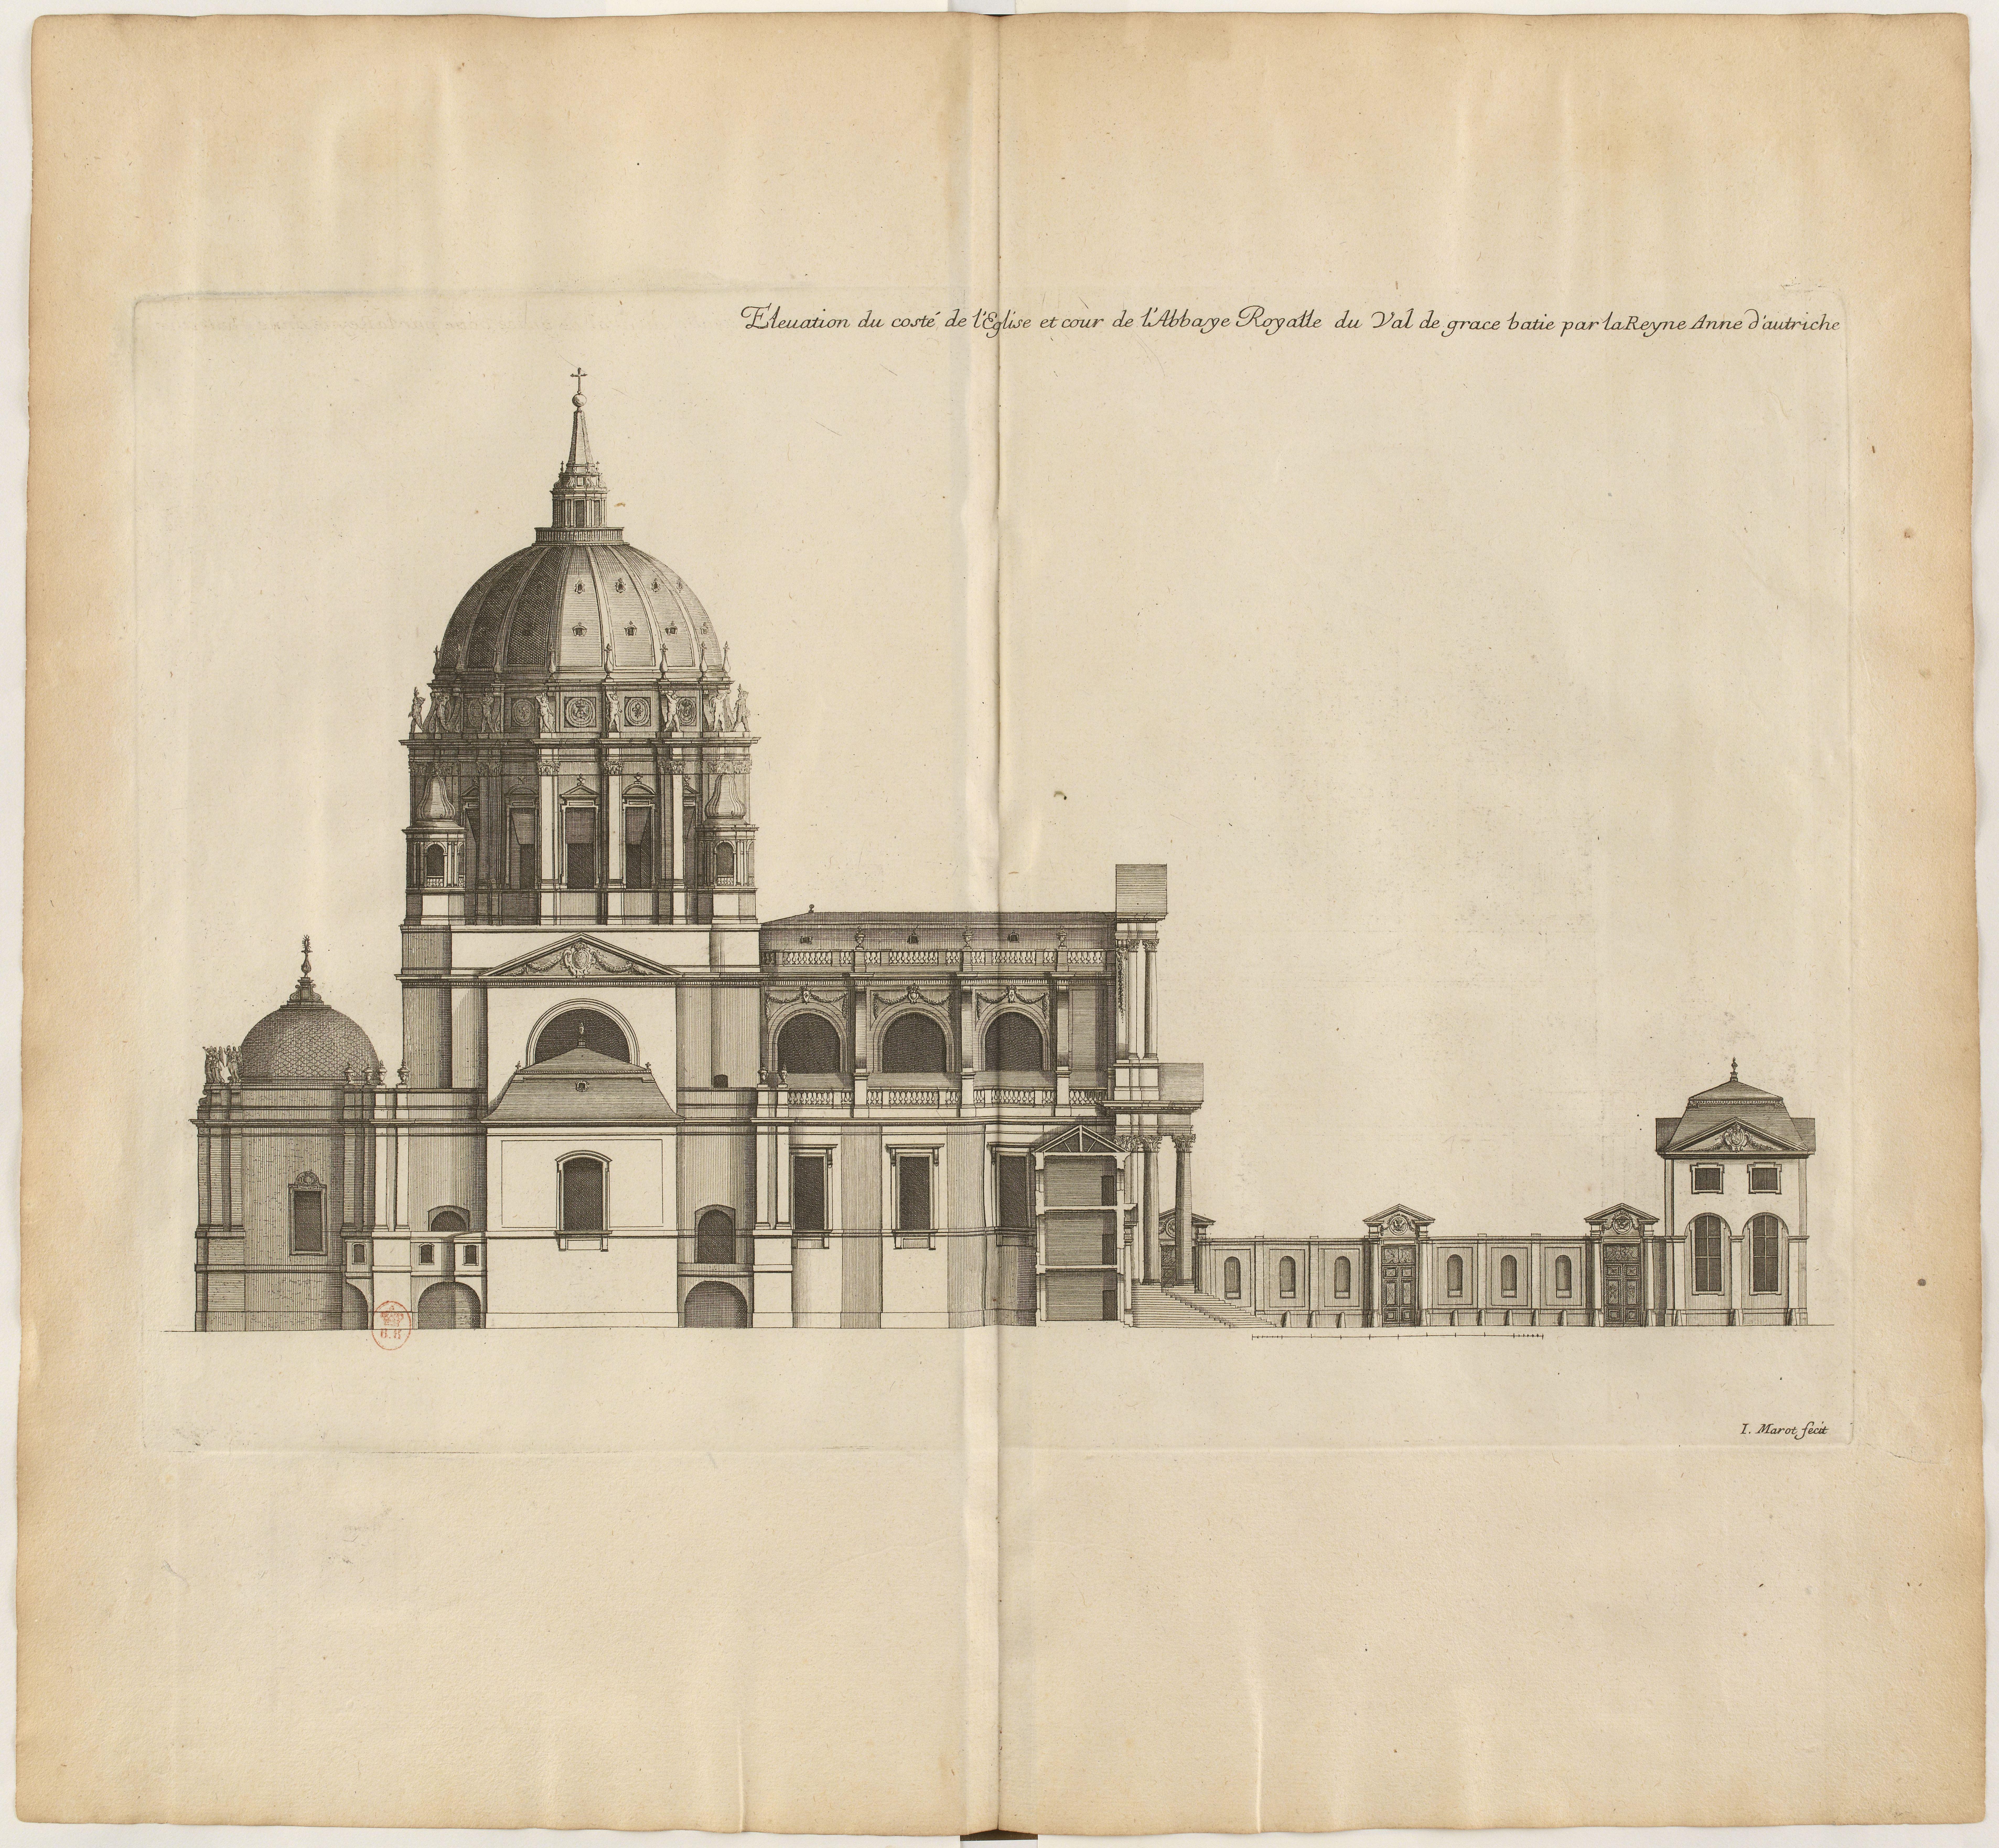 File:L'Architecture française (Marot) BnF RES-V-371 112v-f238 Val-de